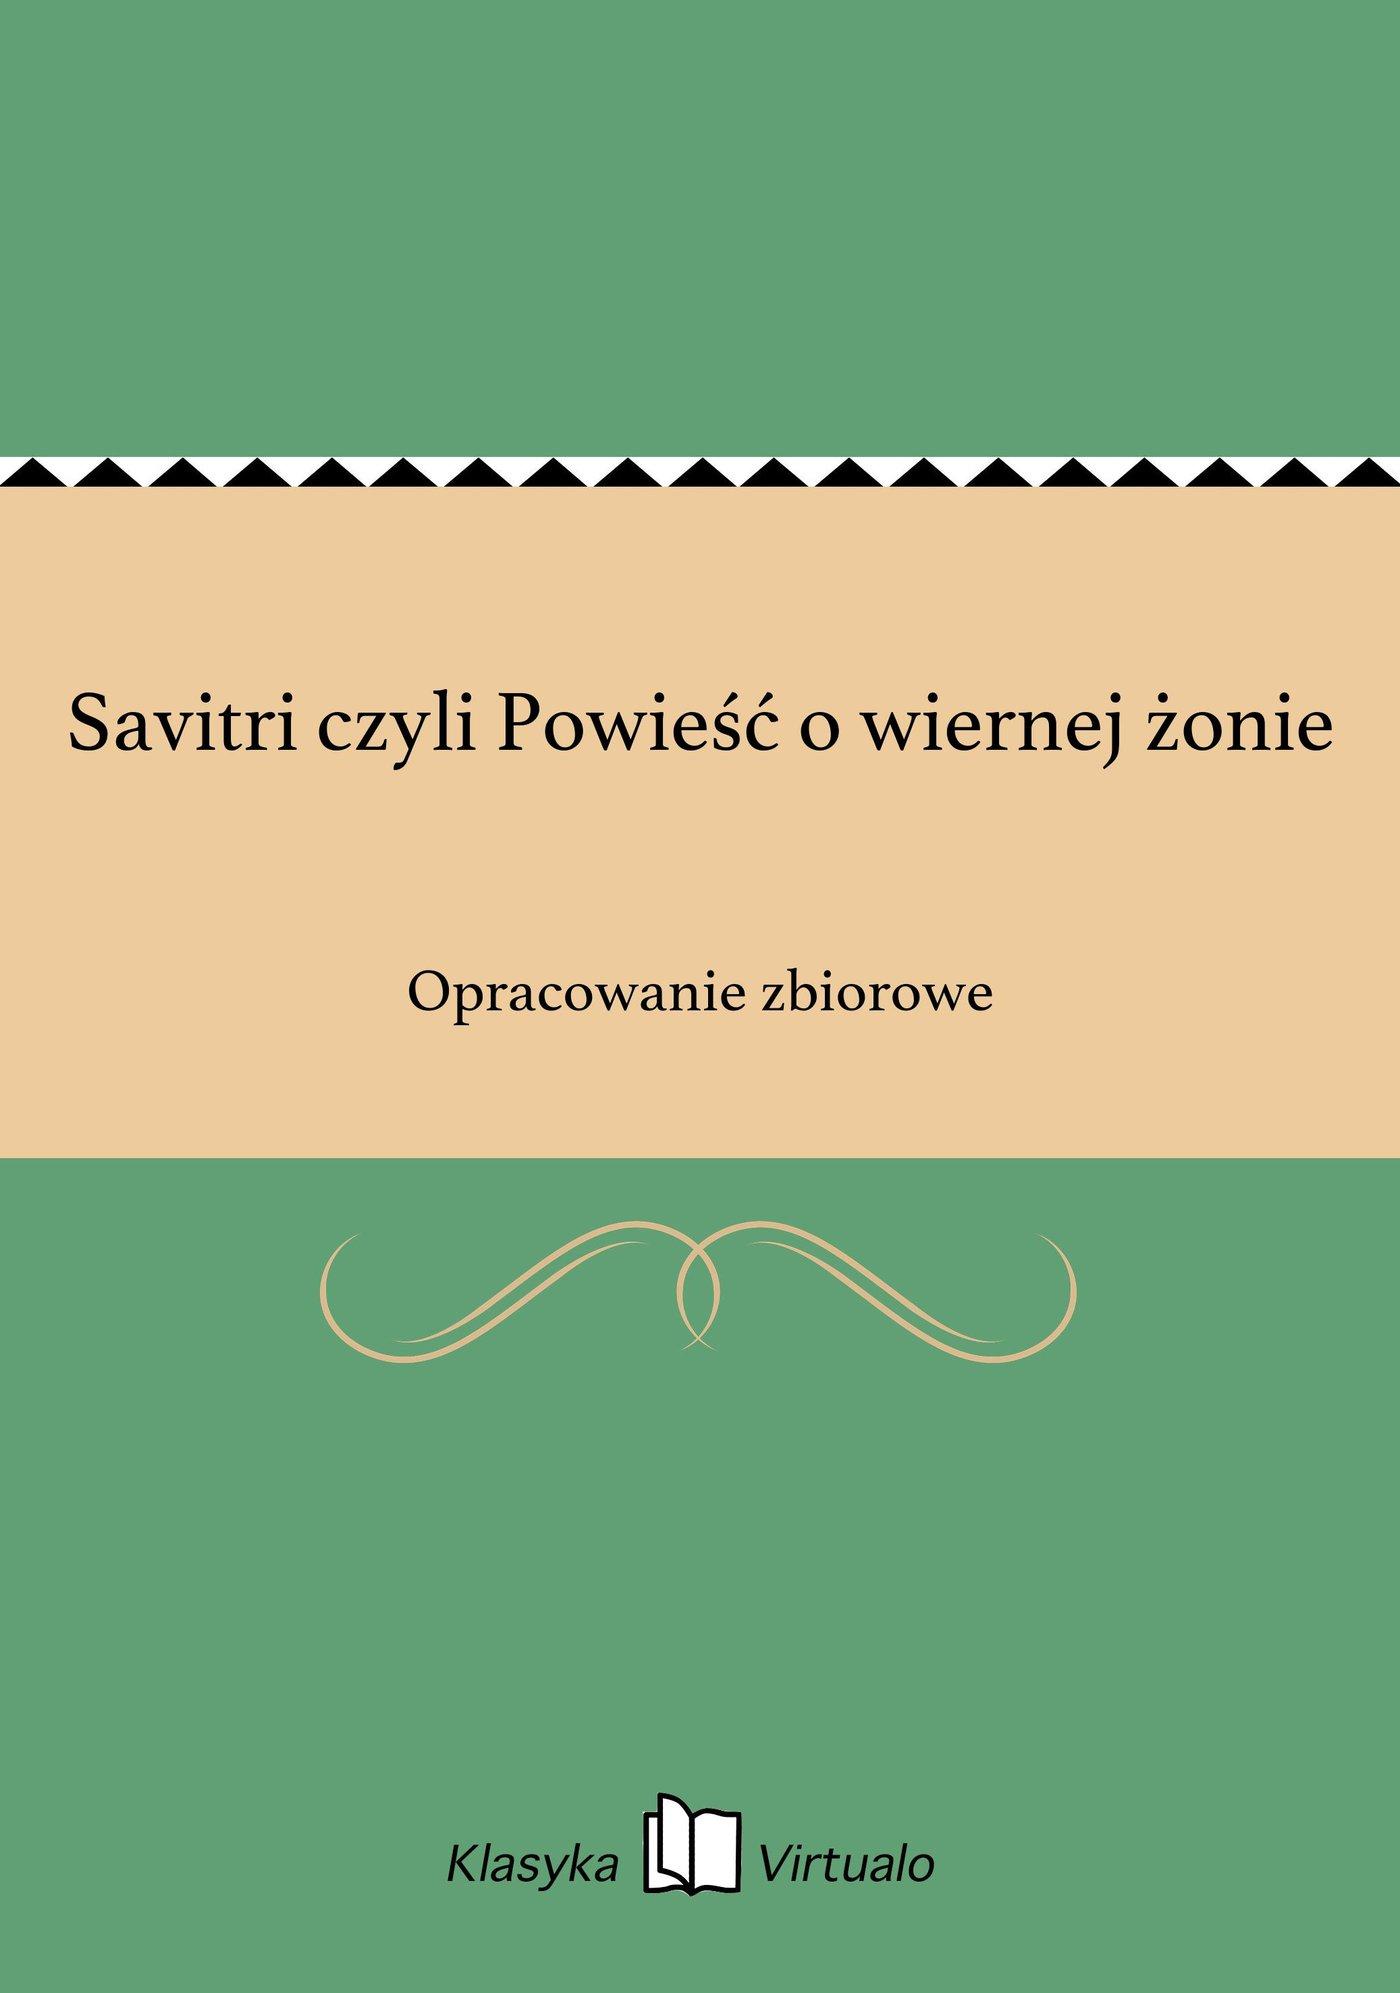 Savitri czyli Powieść o wiernej żonie - Ebook (Książka EPUB) do pobrania w formacie EPUB